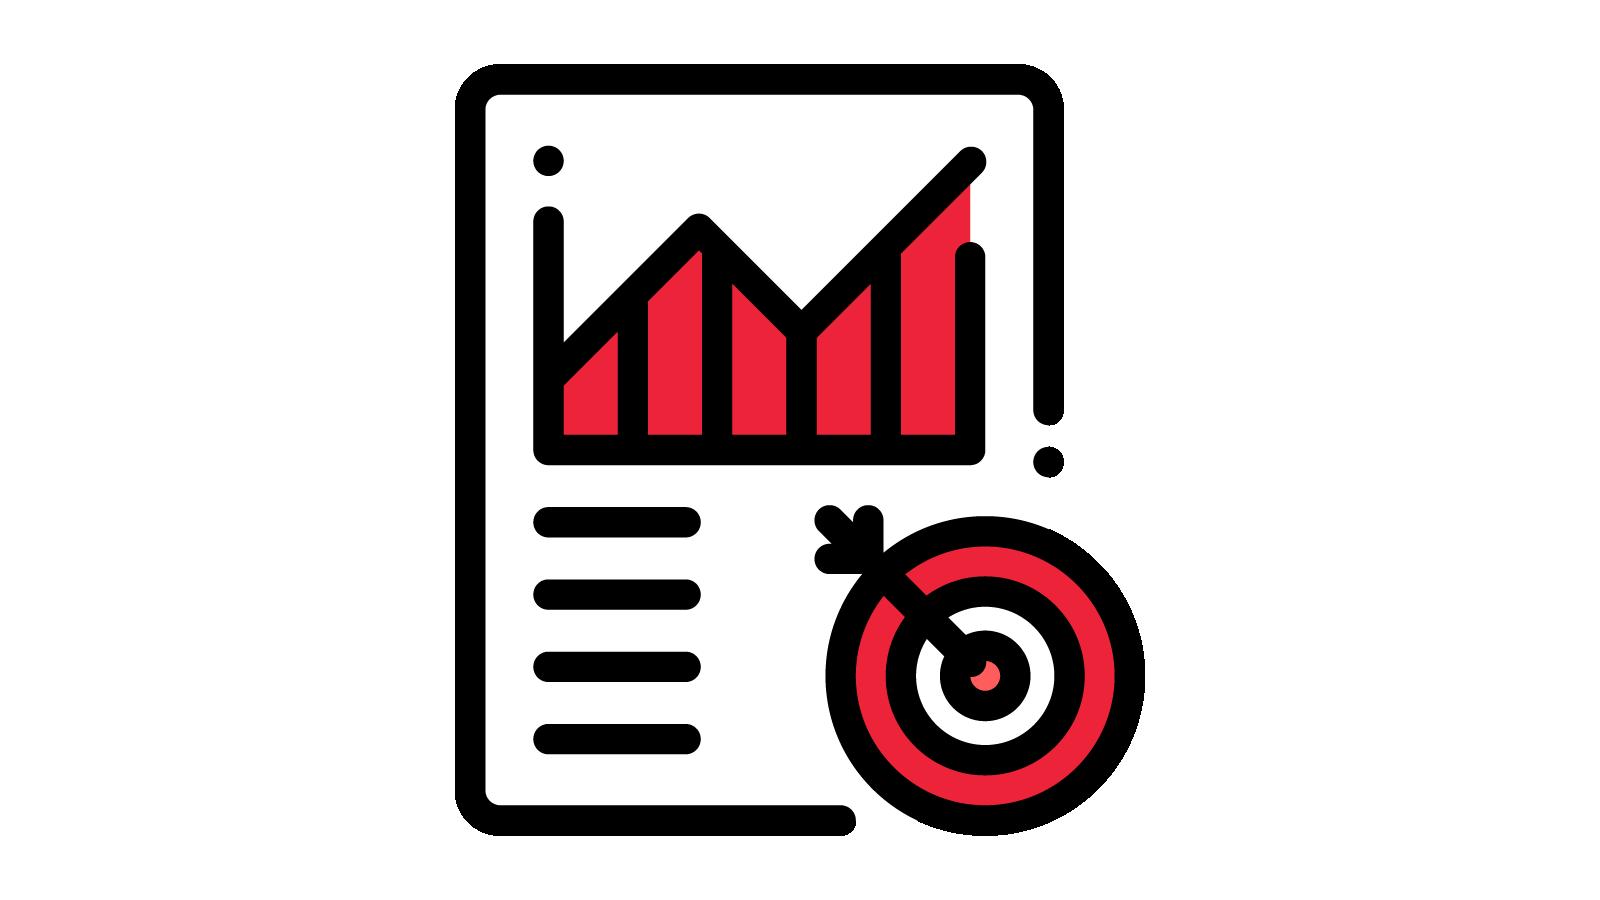 En Dinterweb aportamos valor a nuestros clientes desde el aprendizaje constante